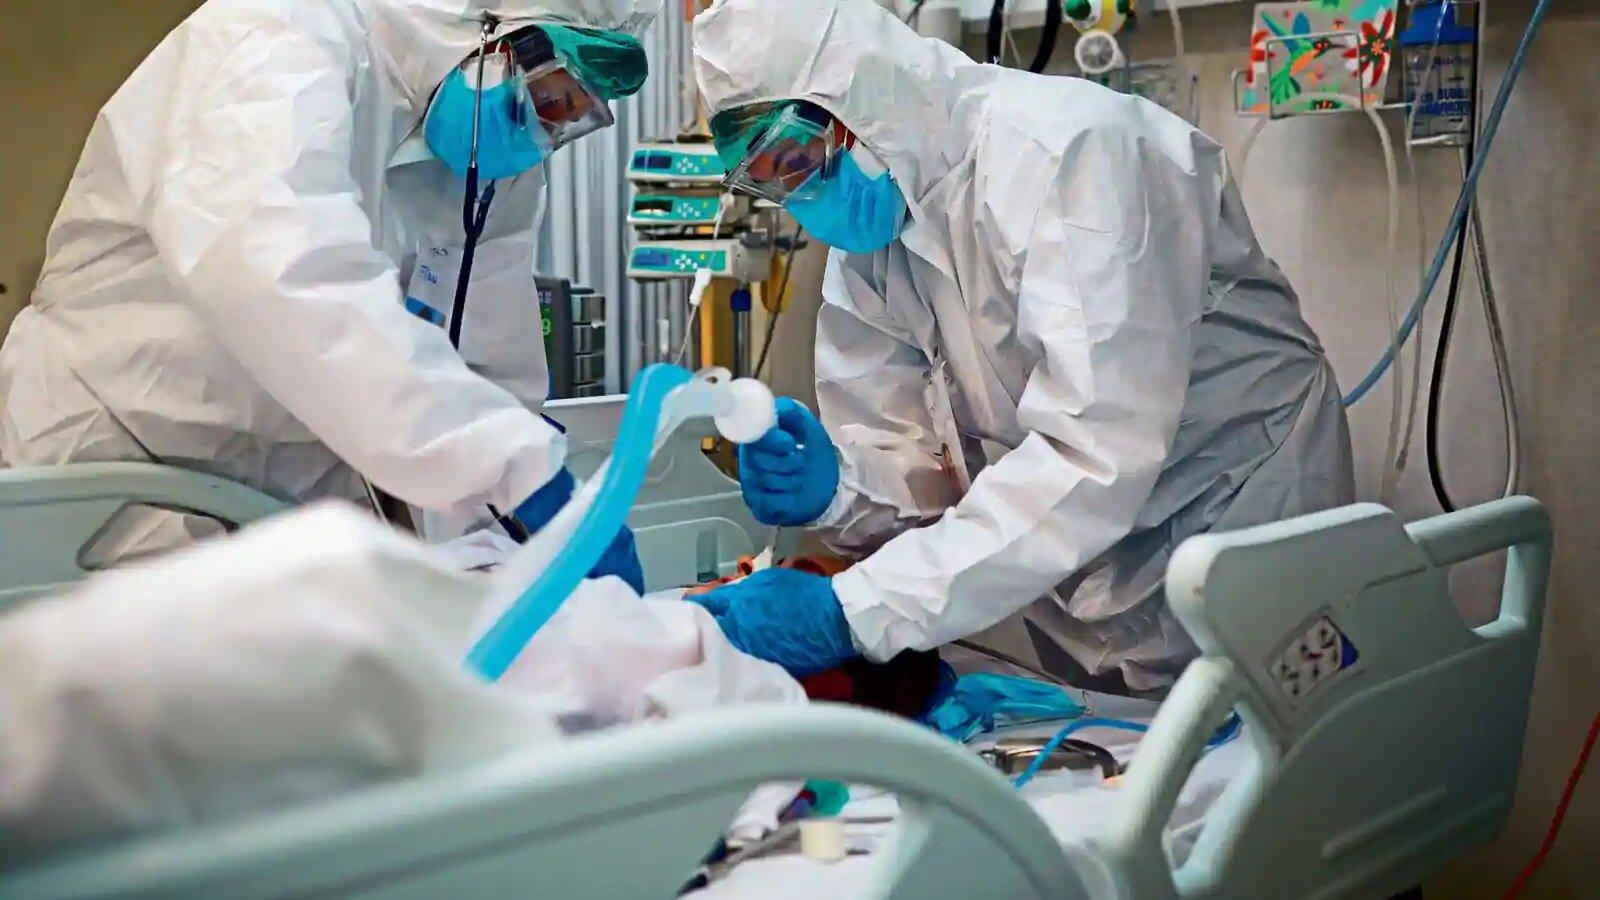 गठिया की दवा से COVID-19 के बुजुर्ग मरीजों की मौत का जोखिम घट जाता है: अध्ययन